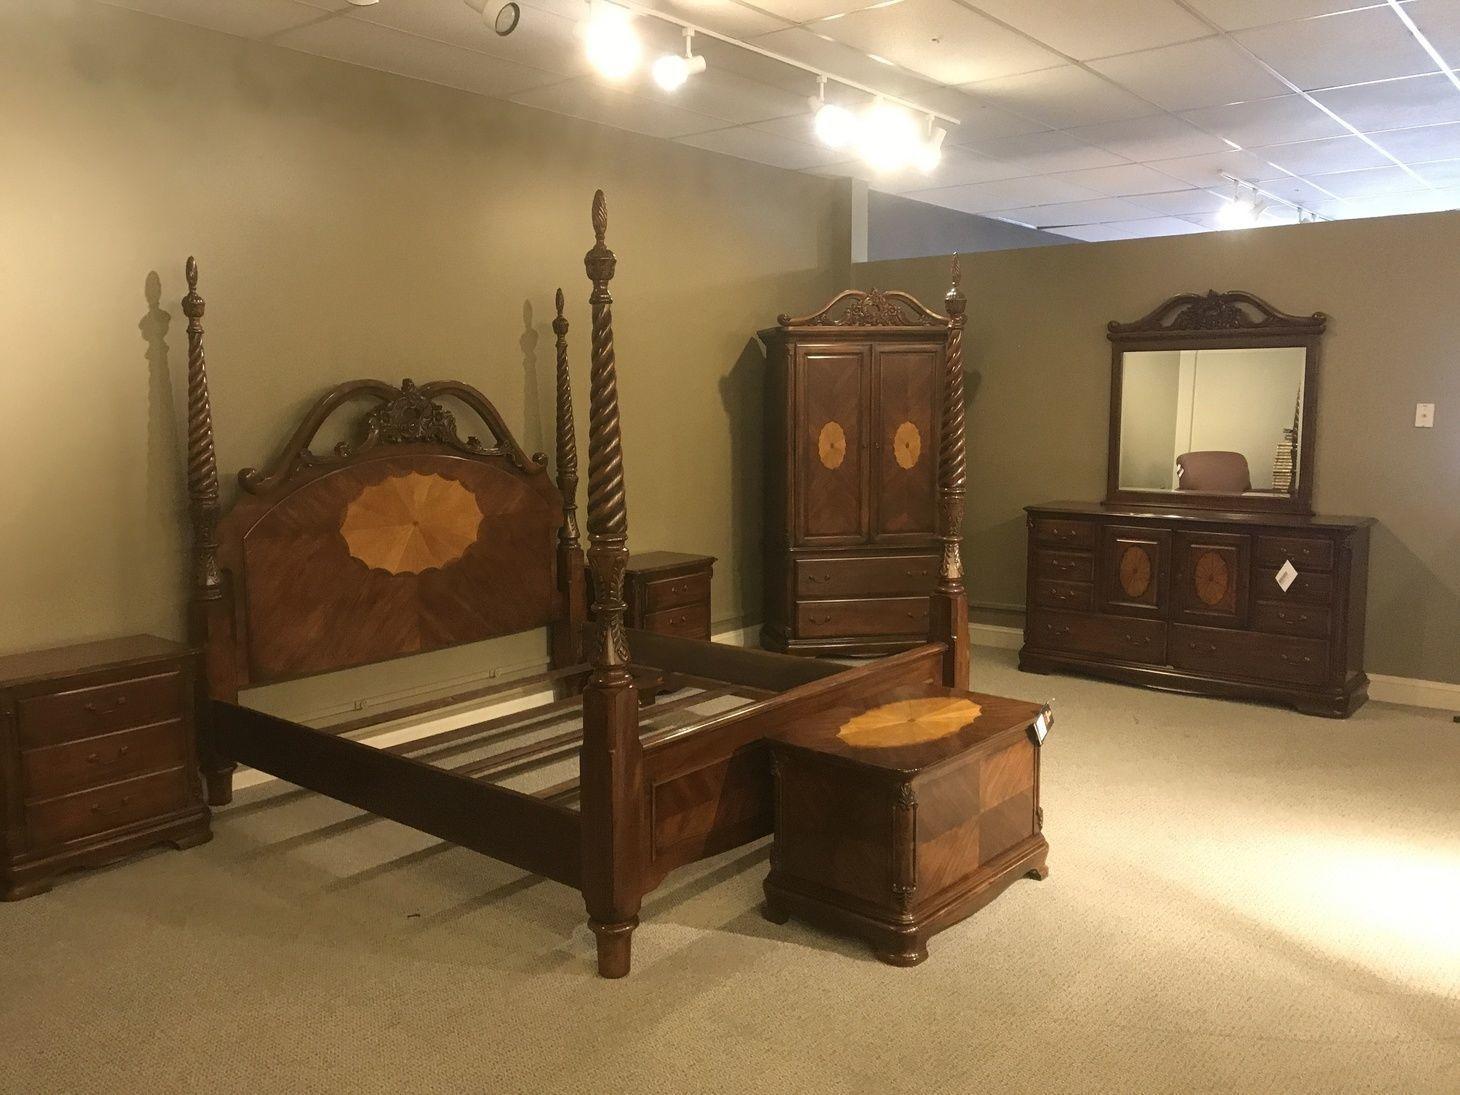 Medium king bedroom